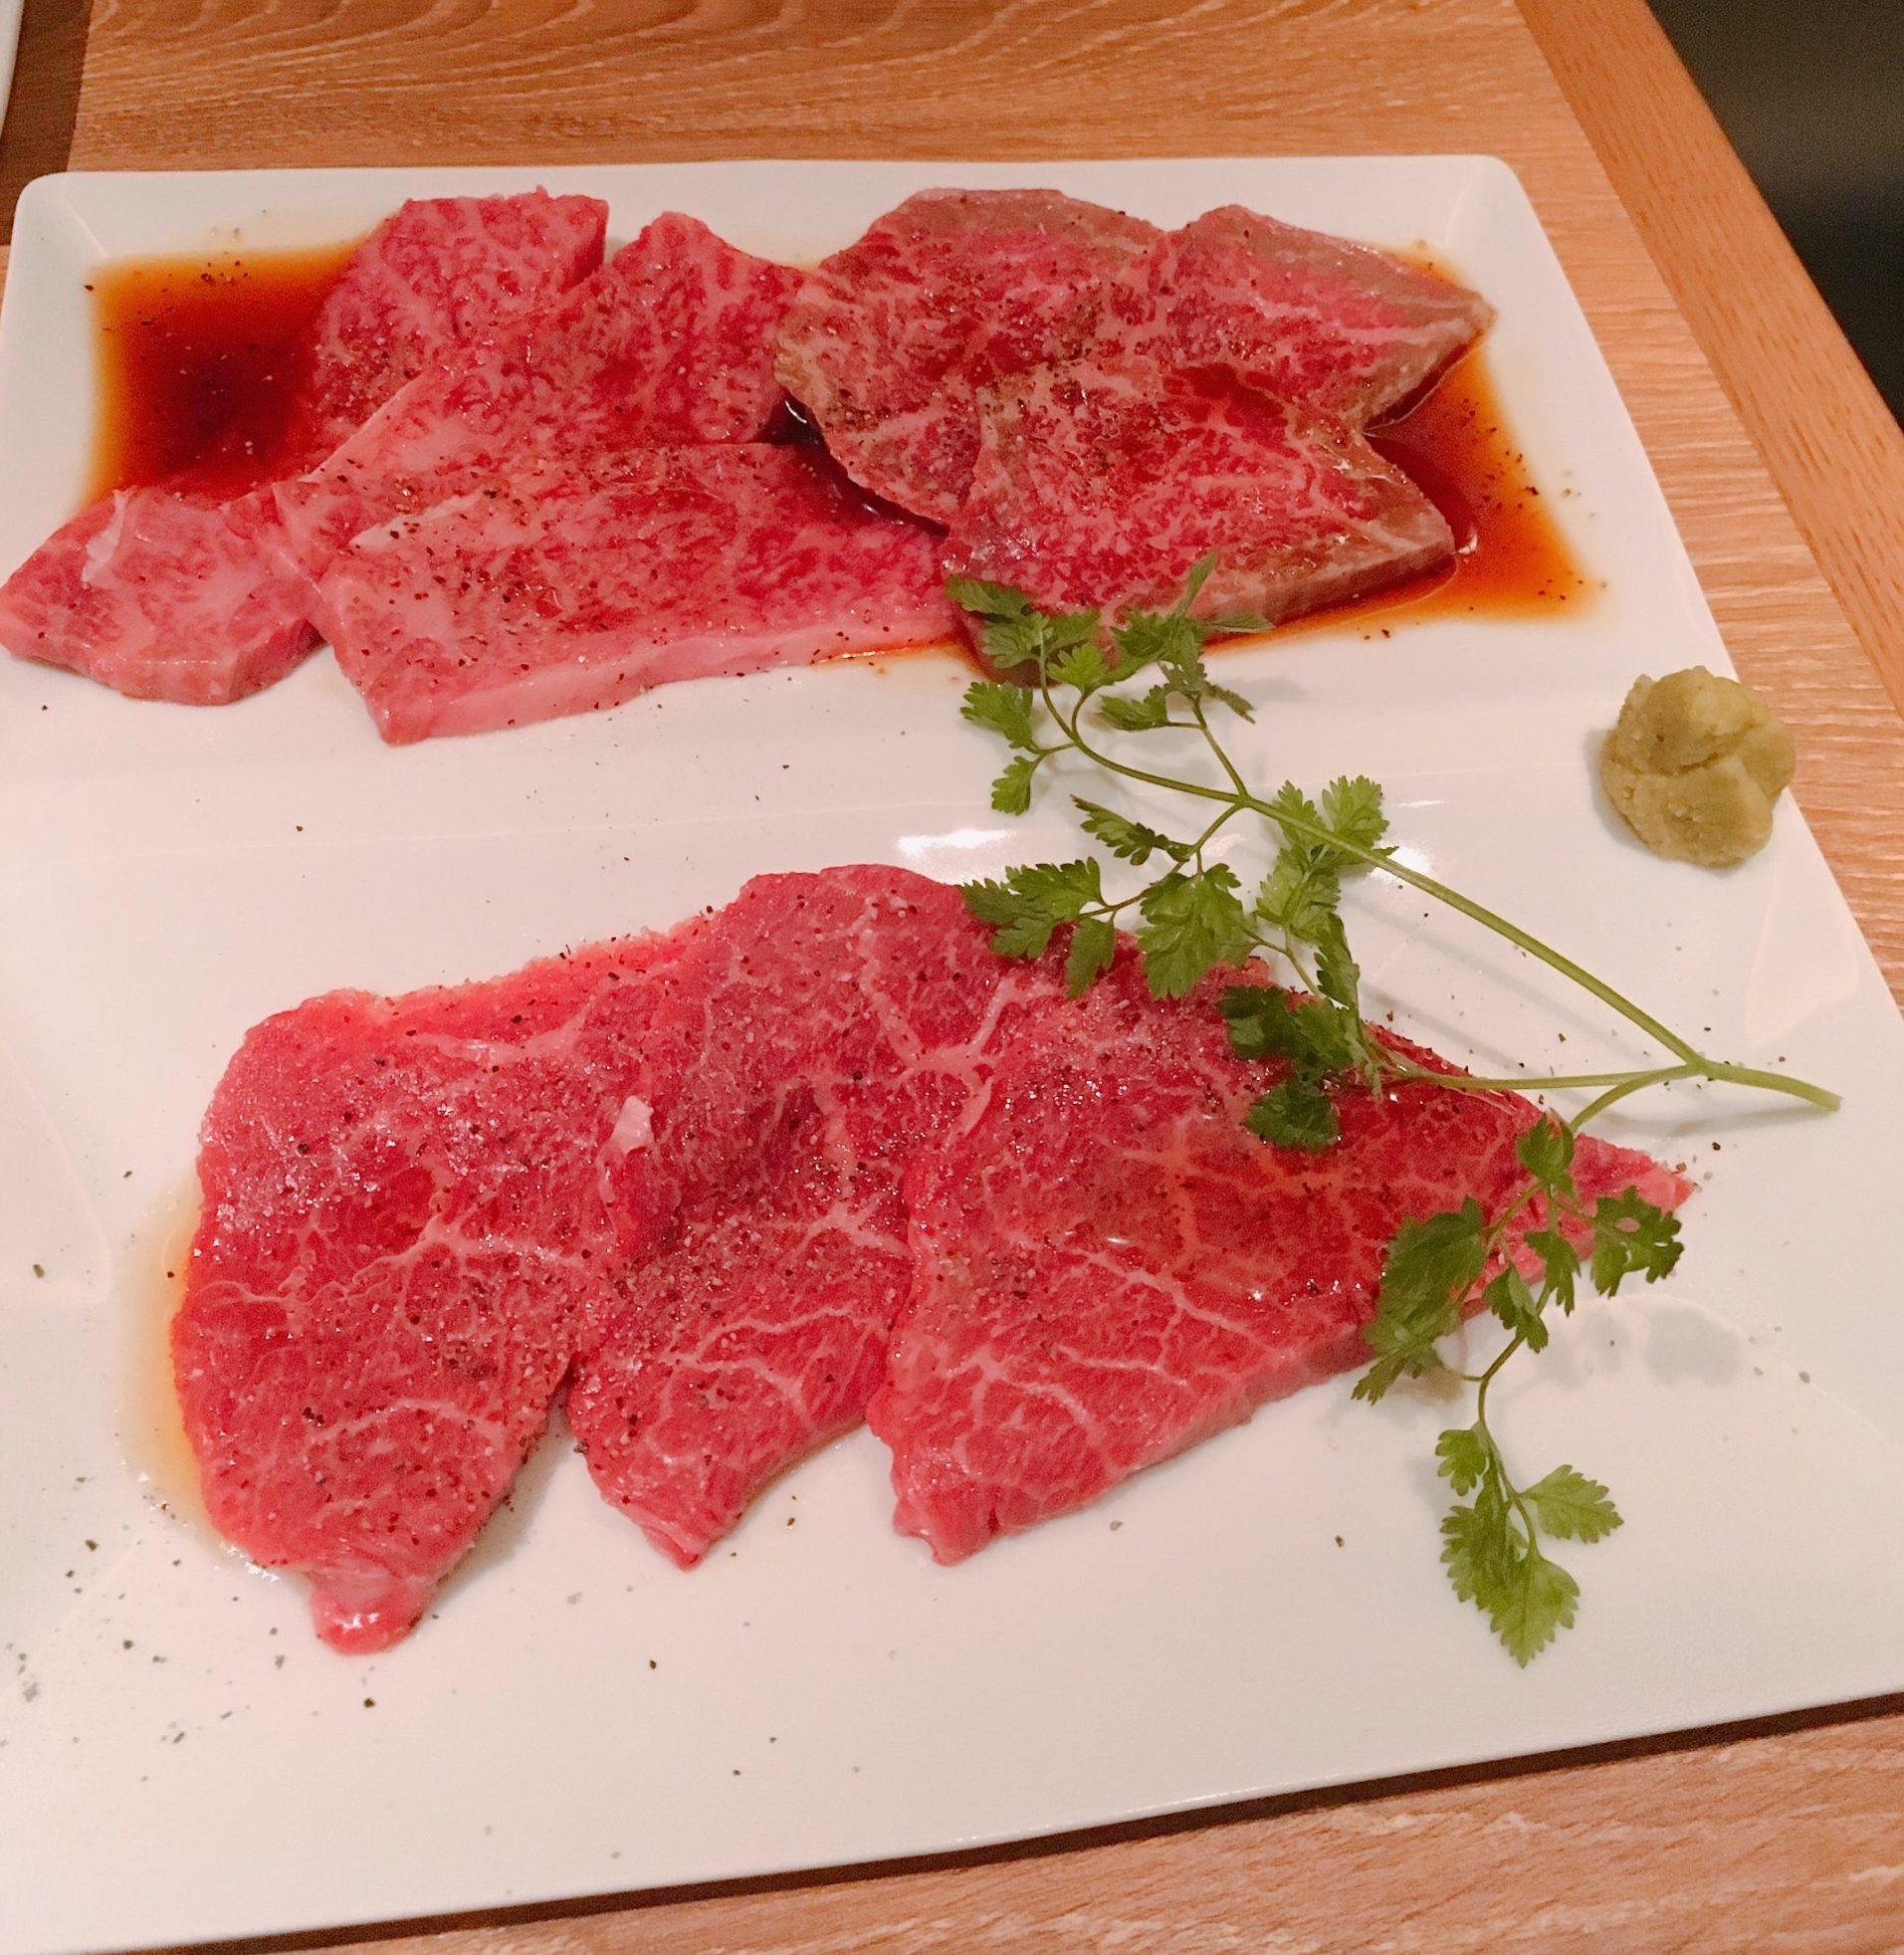 仙台牛赤身肉の3種盛り合わせの画像です。